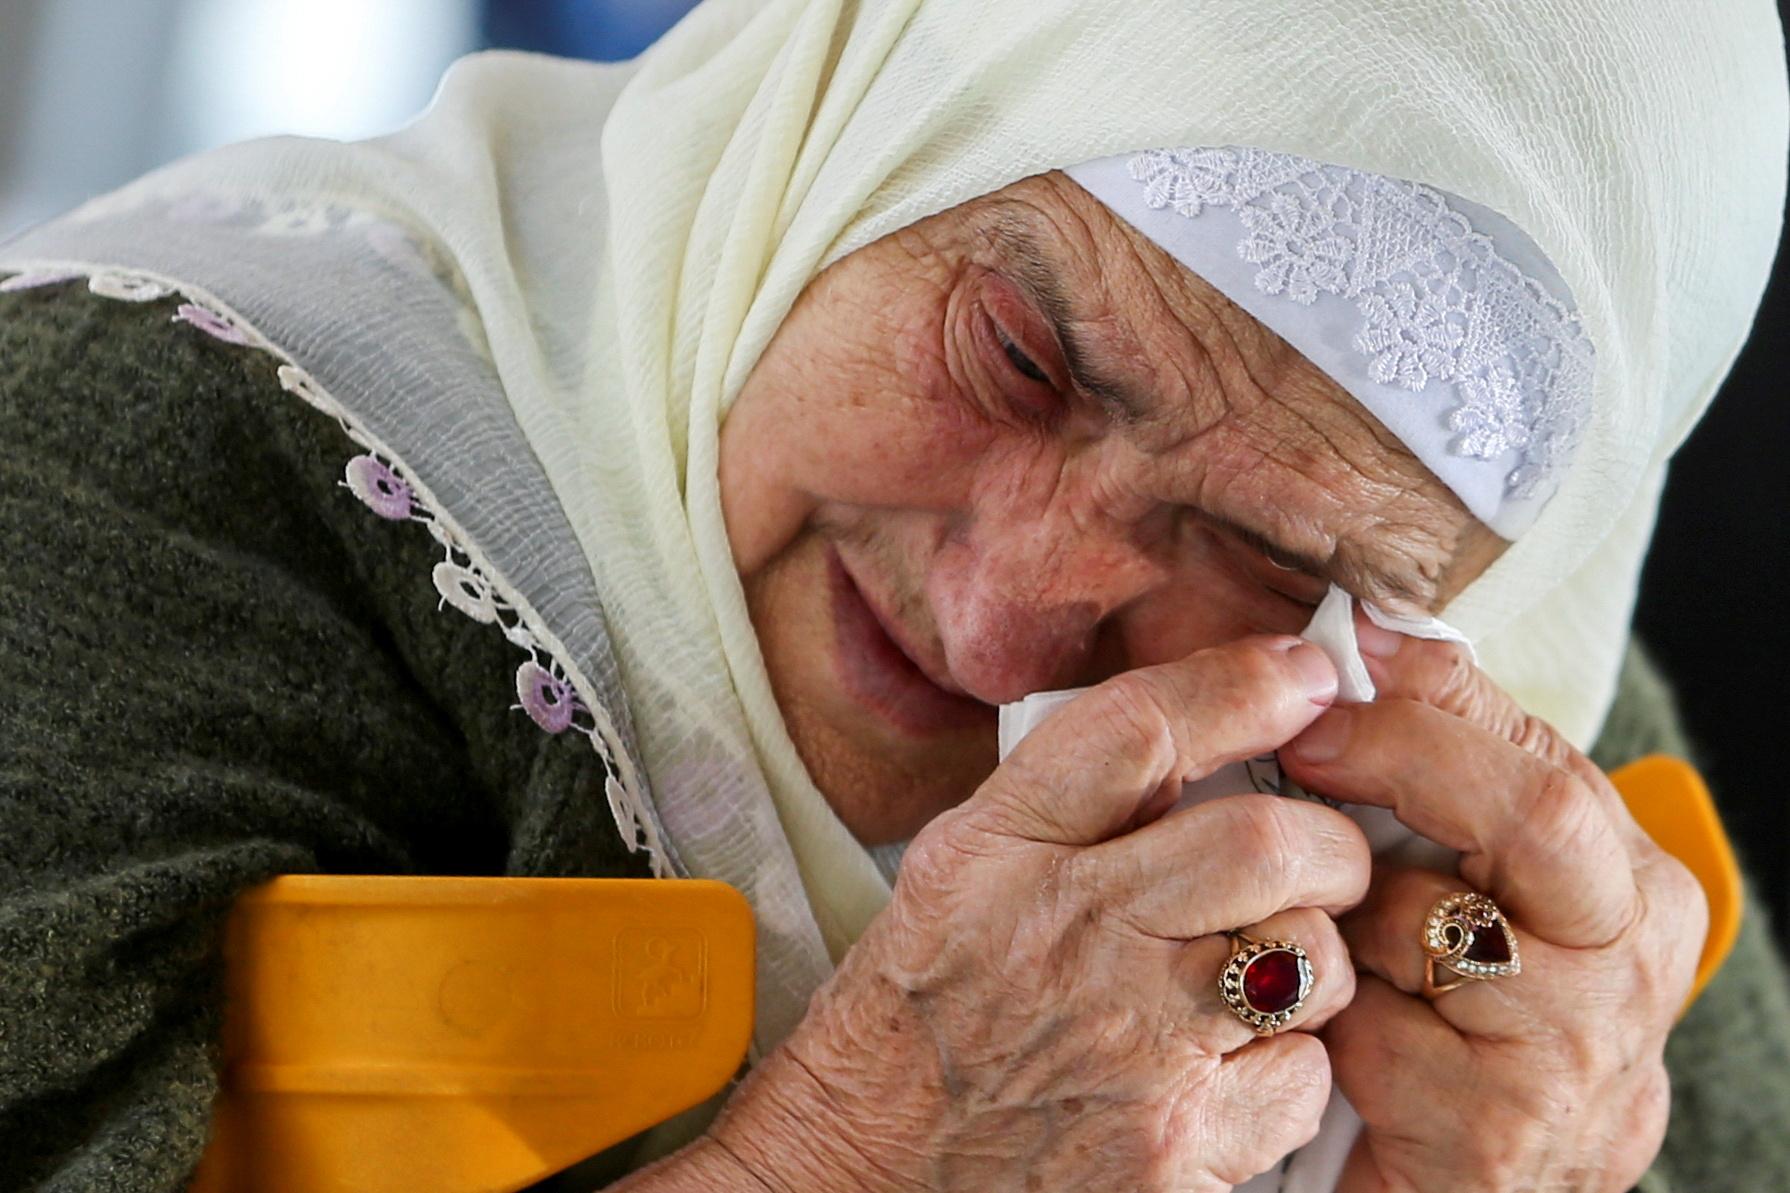 Боснійська мусульманка реагує на очікування остаточного вироку колишнього босненського сербського воєначальника Ратка Младича в Меморіальному центрі геноциду Сребрениця-Потокарі, Боснія і Герцеговина, 8 червня 2021 року. REUTERS / Дадо Рувіч